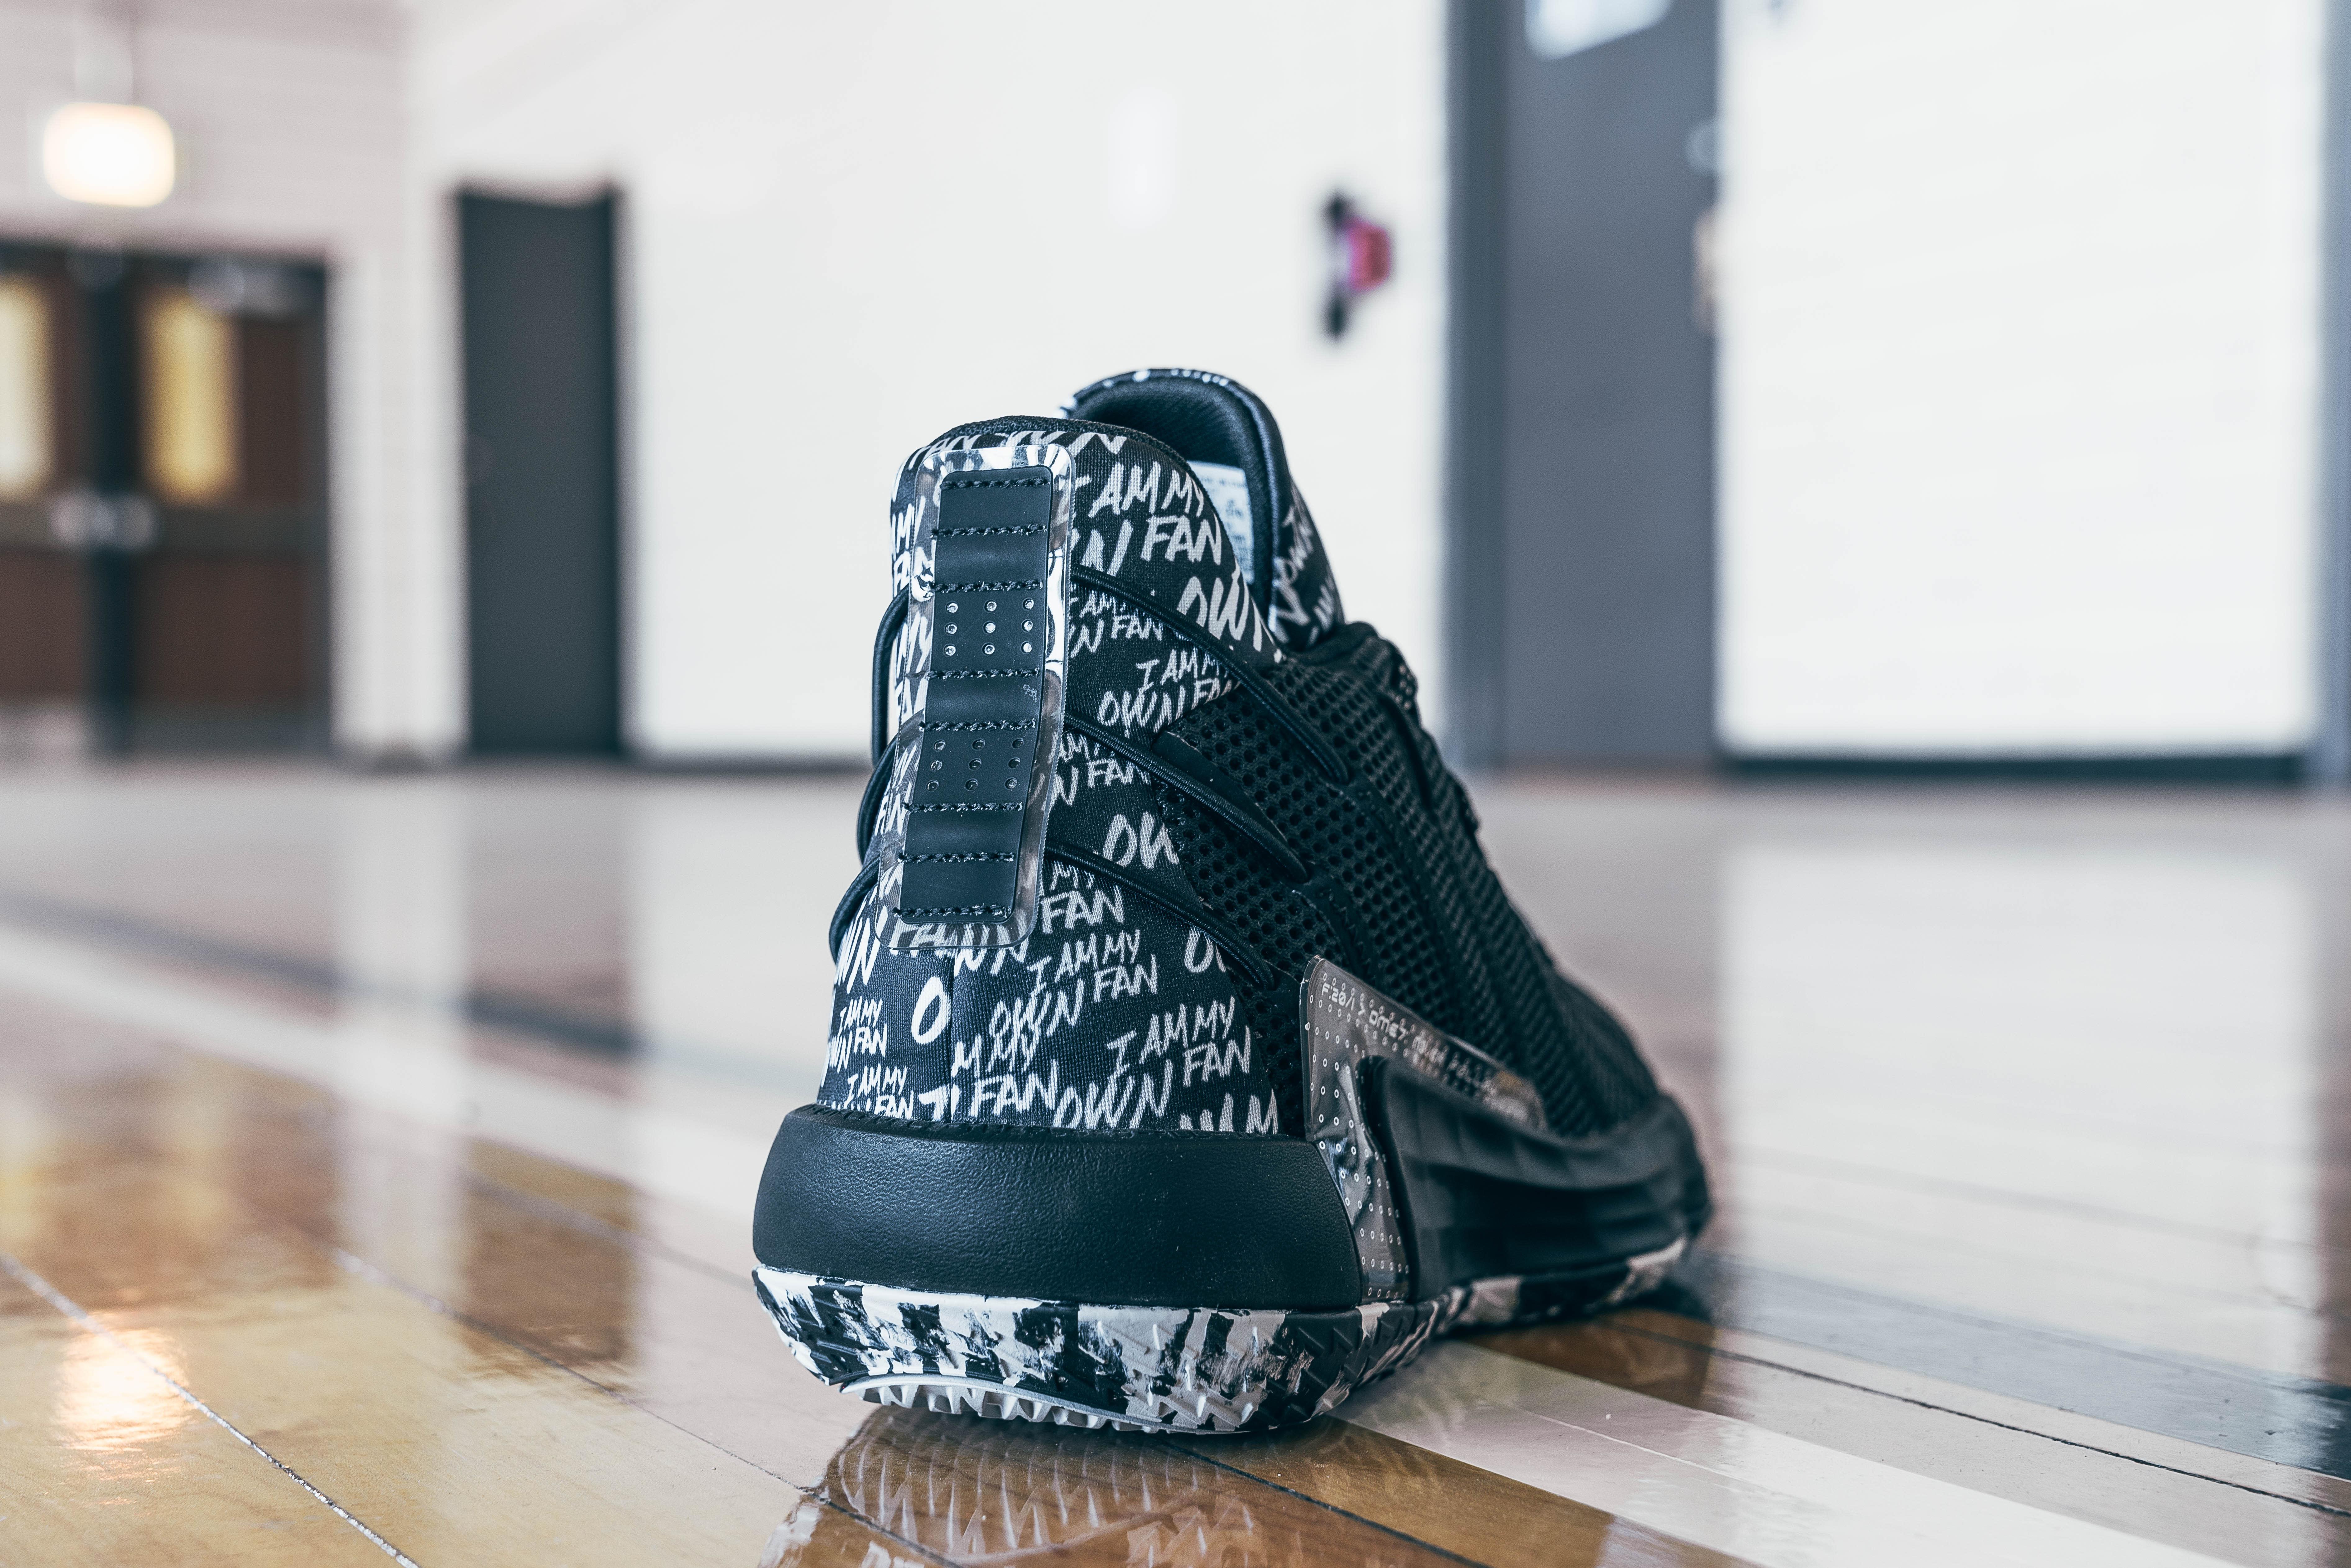 Adidas Dame 7 Black (Heel)